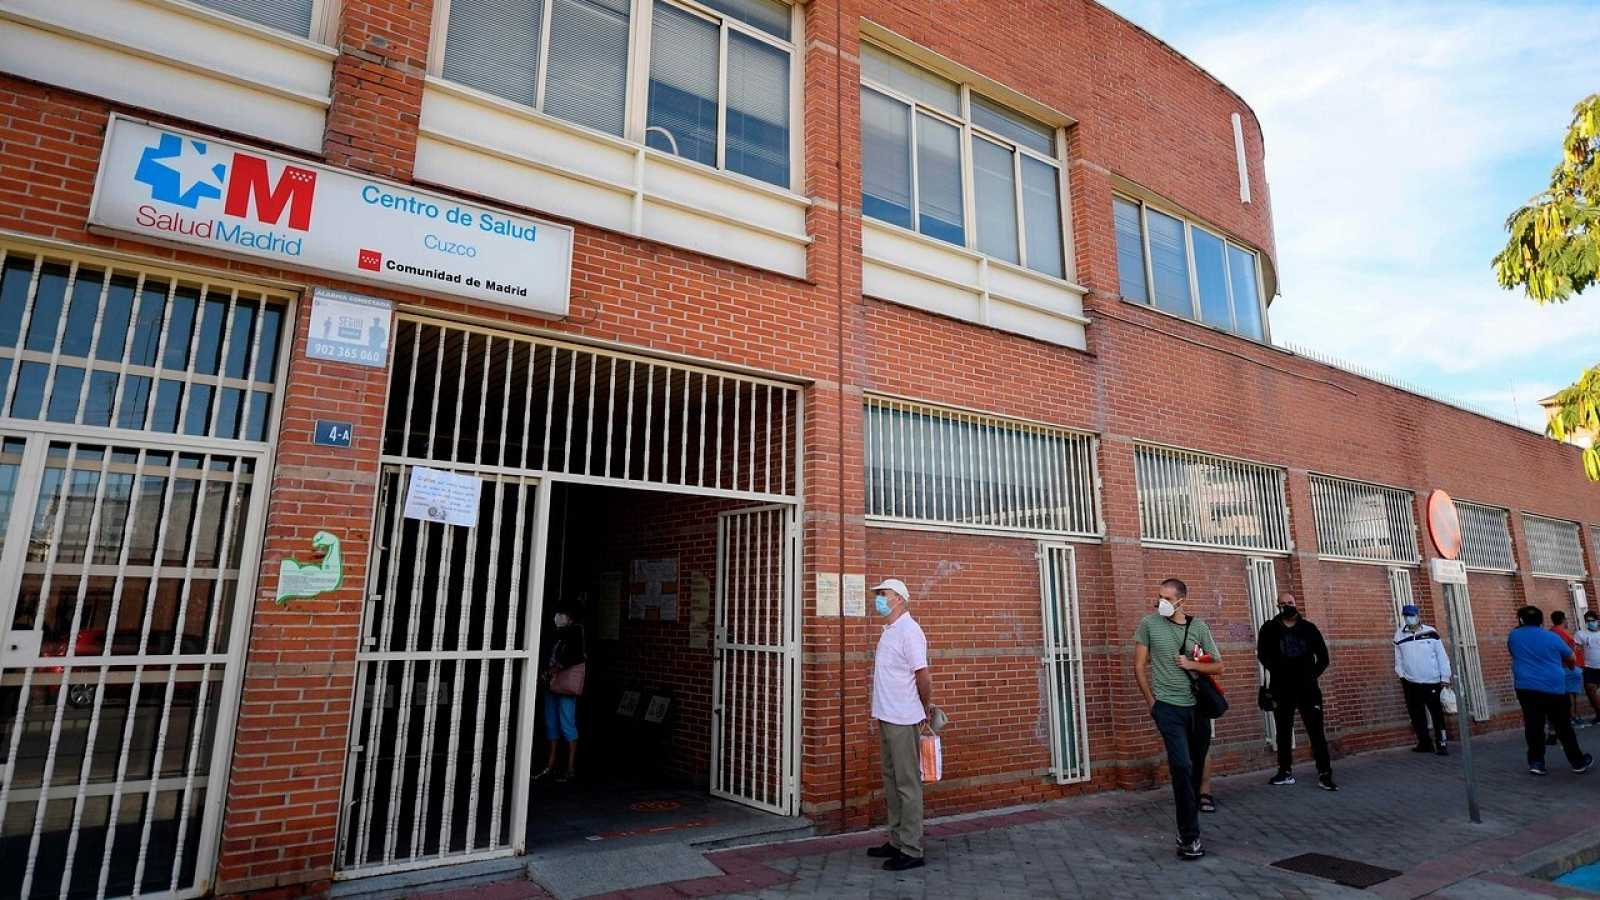 Residentes hacen cola ante un centro de salud en Fuenlabrada, Madrid. OSCAR DEL POZO / AFP